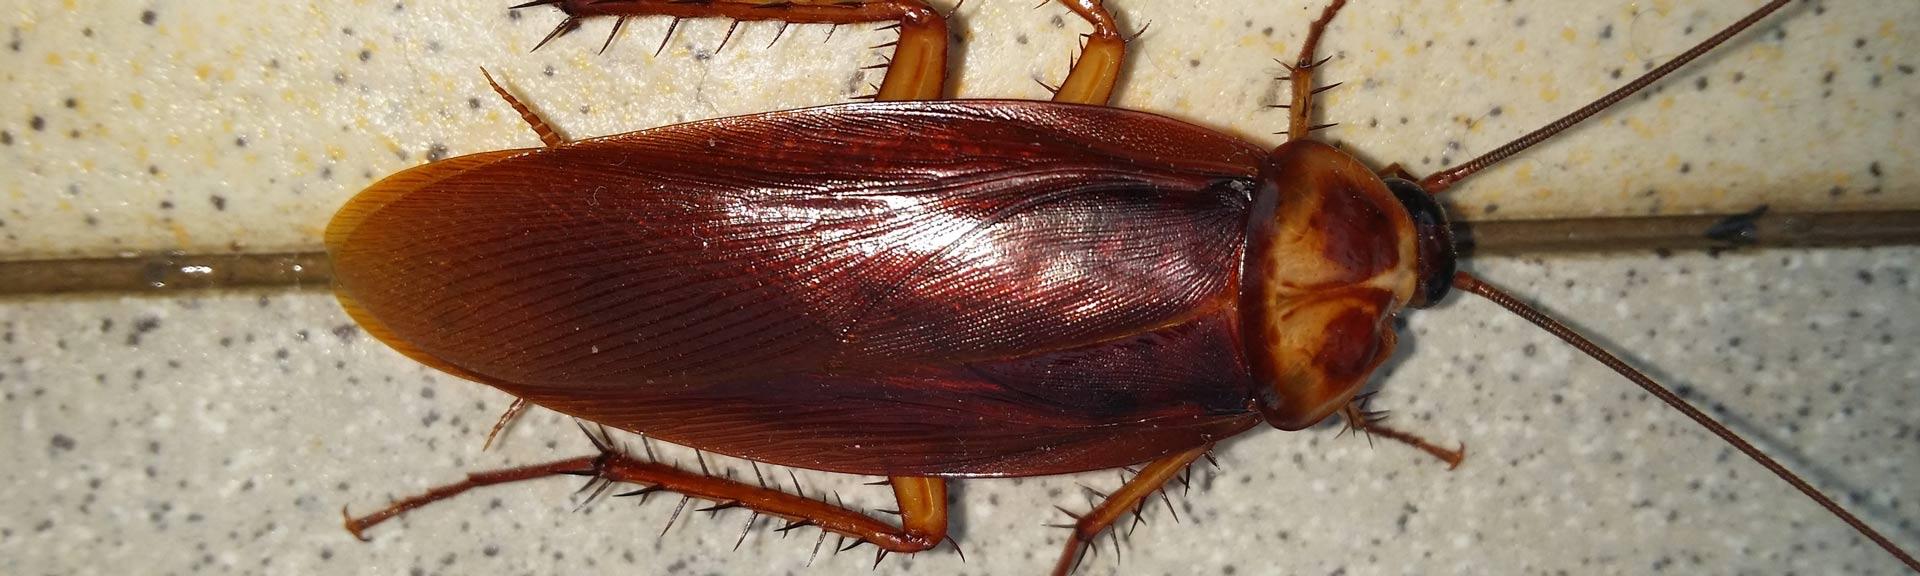 Insectes rampants , désinsectisation 94, extermination cafard-infestation-algo3d- société de désinsectisation val de marne algo3d.